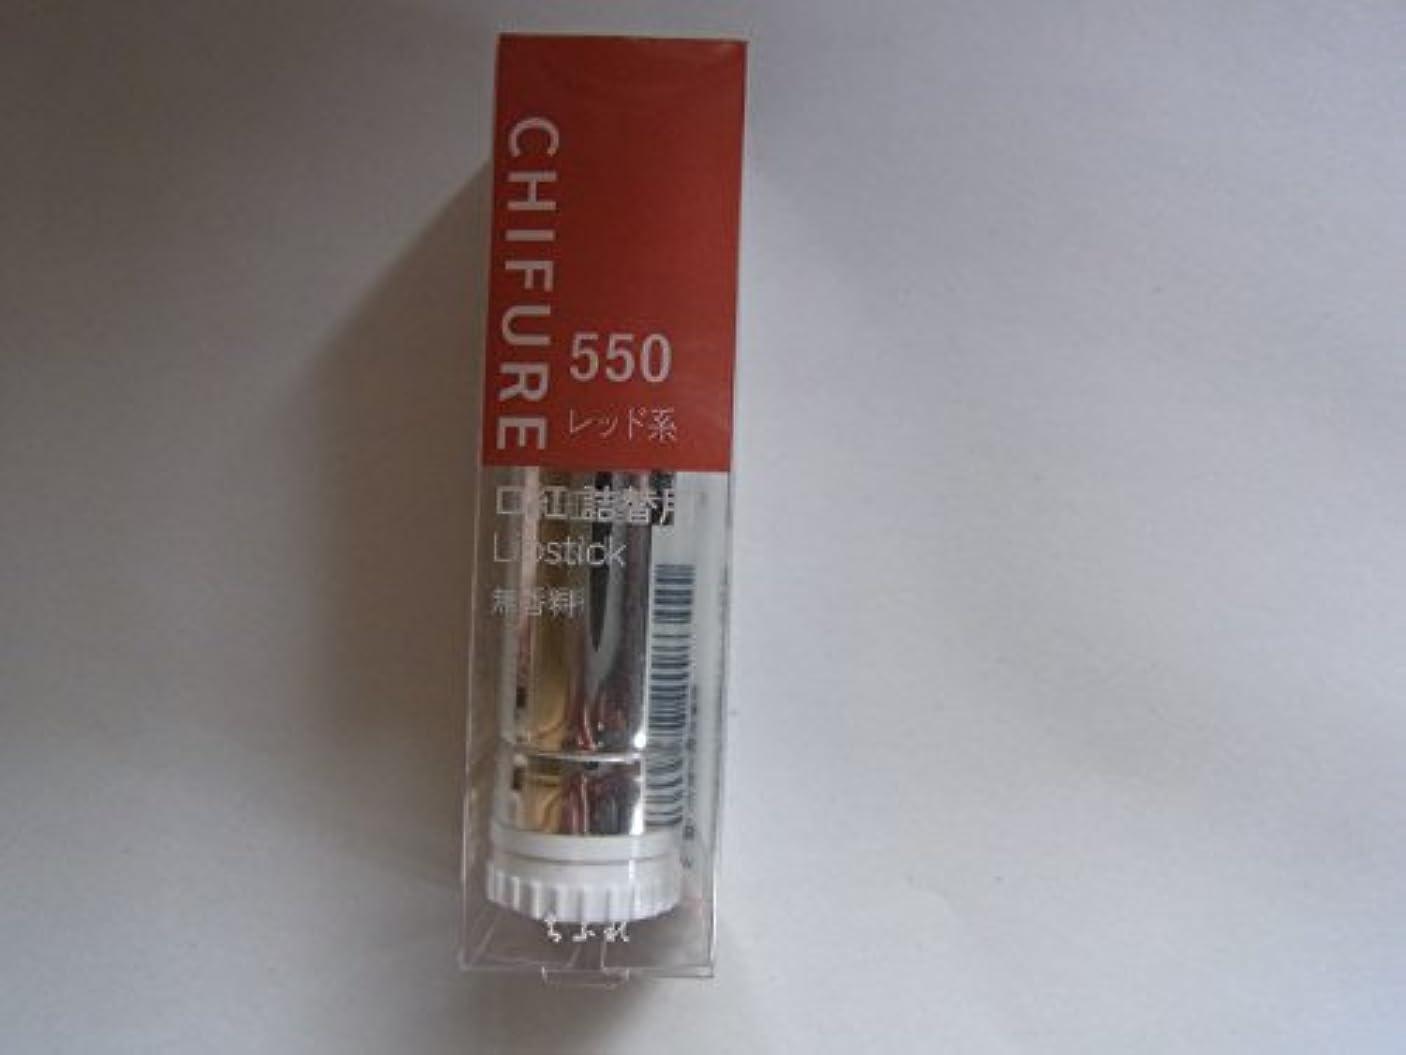 威する変形オーバーランちふれ化粧品 口紅 レッド系550